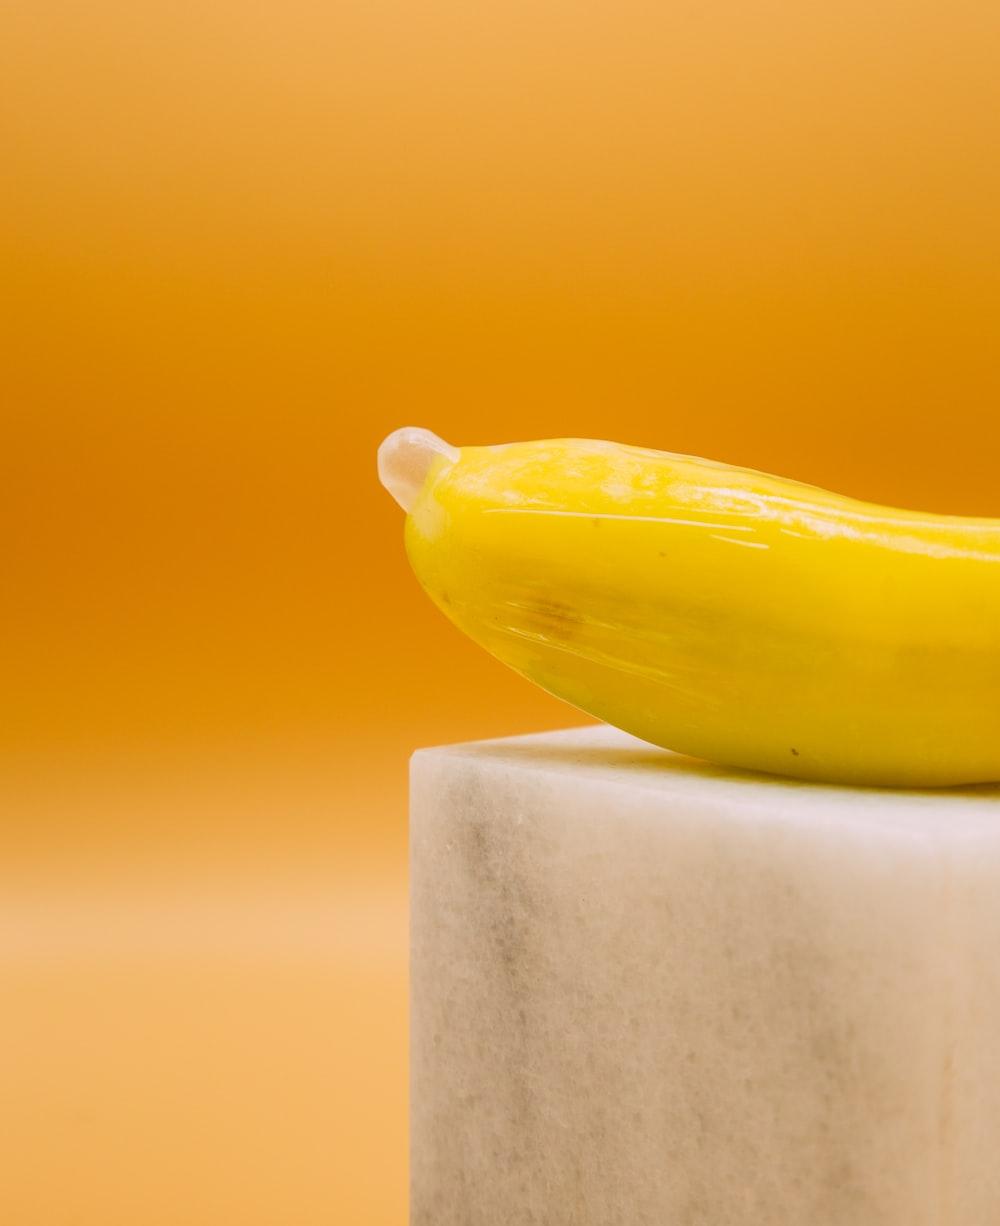 yellow banana fruit on white concrete post